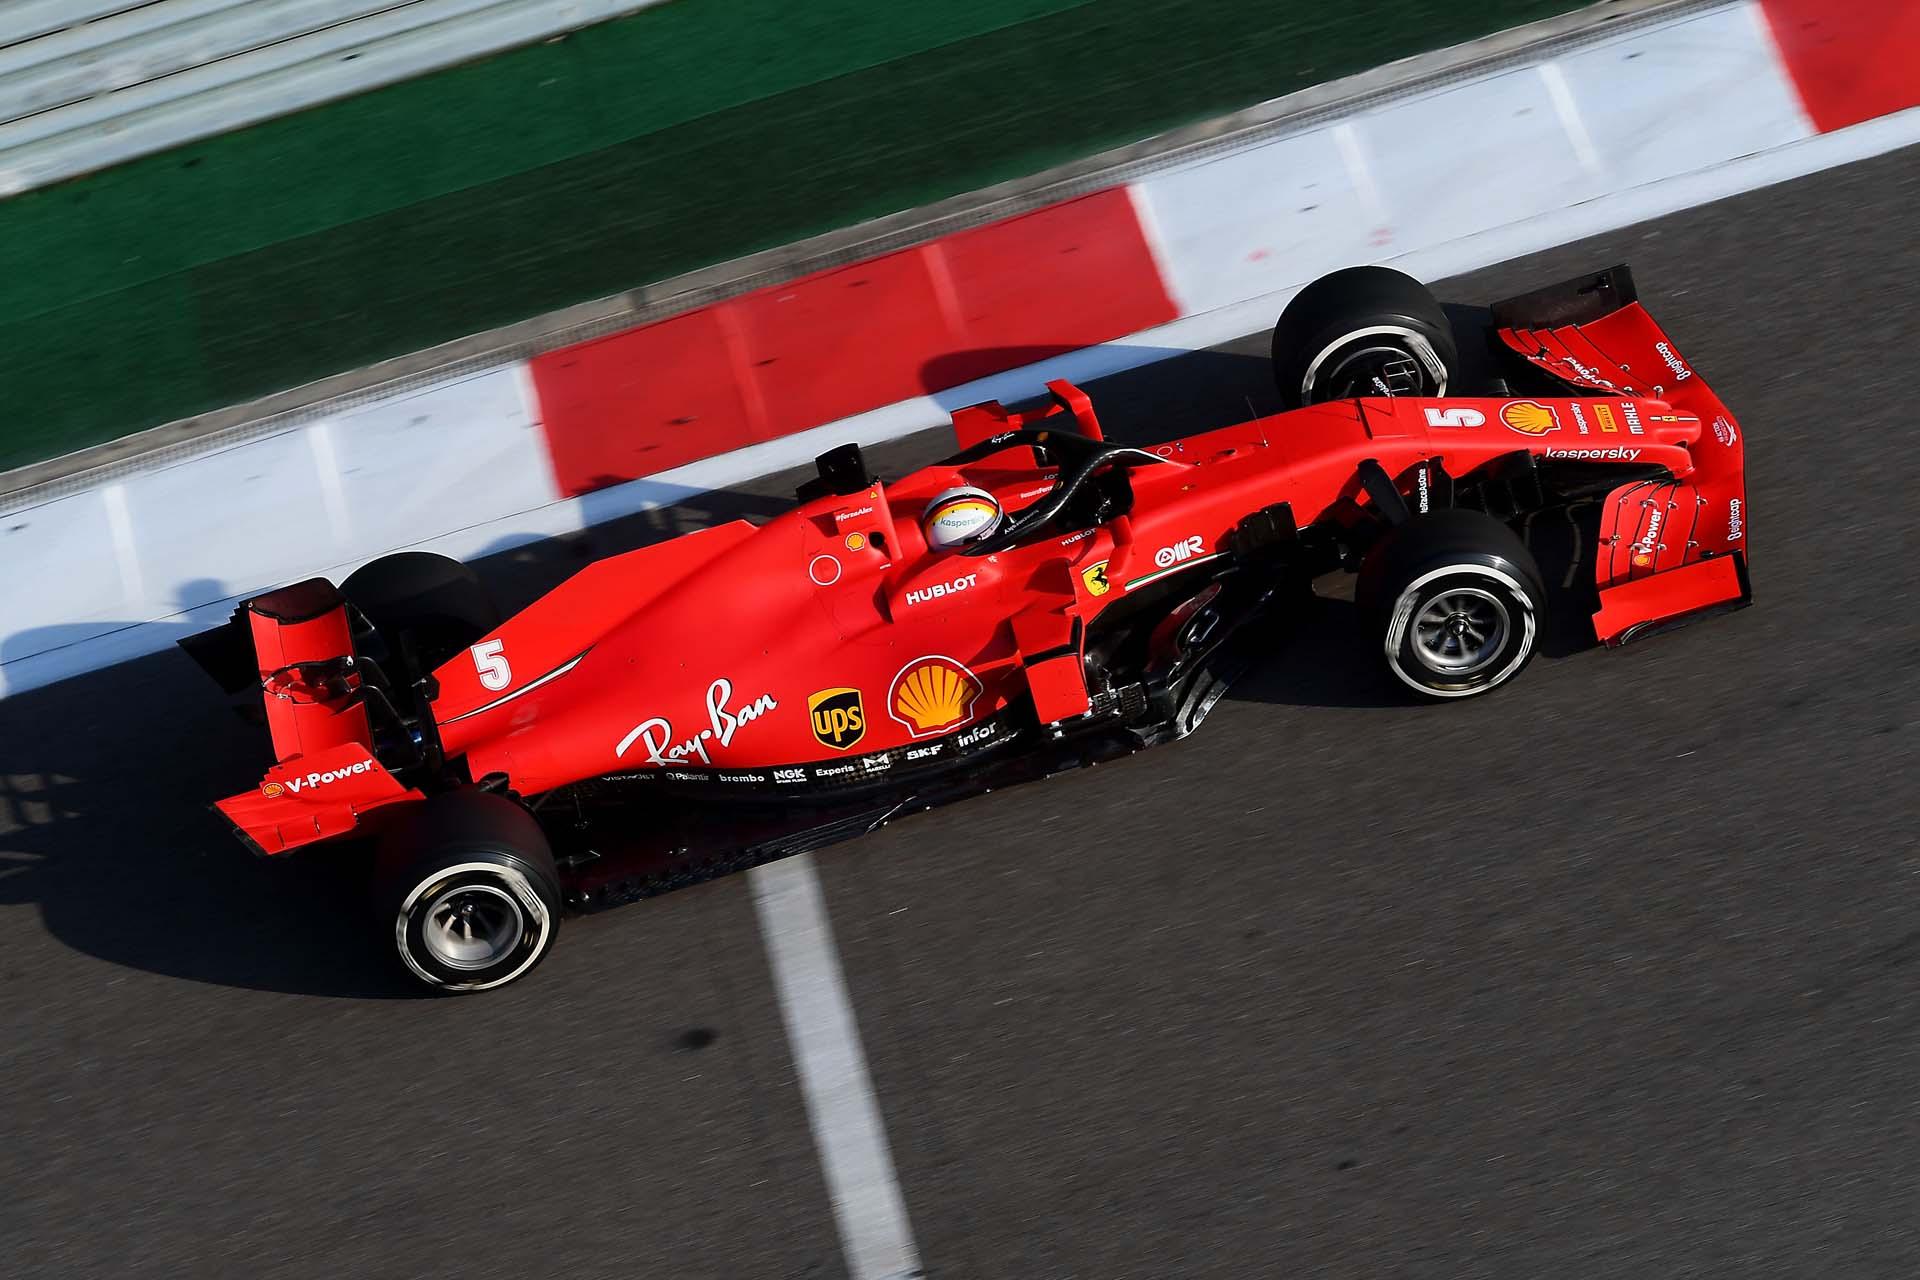 GP RUSSIA F1/2020 -  VENERDI 25/09/2020